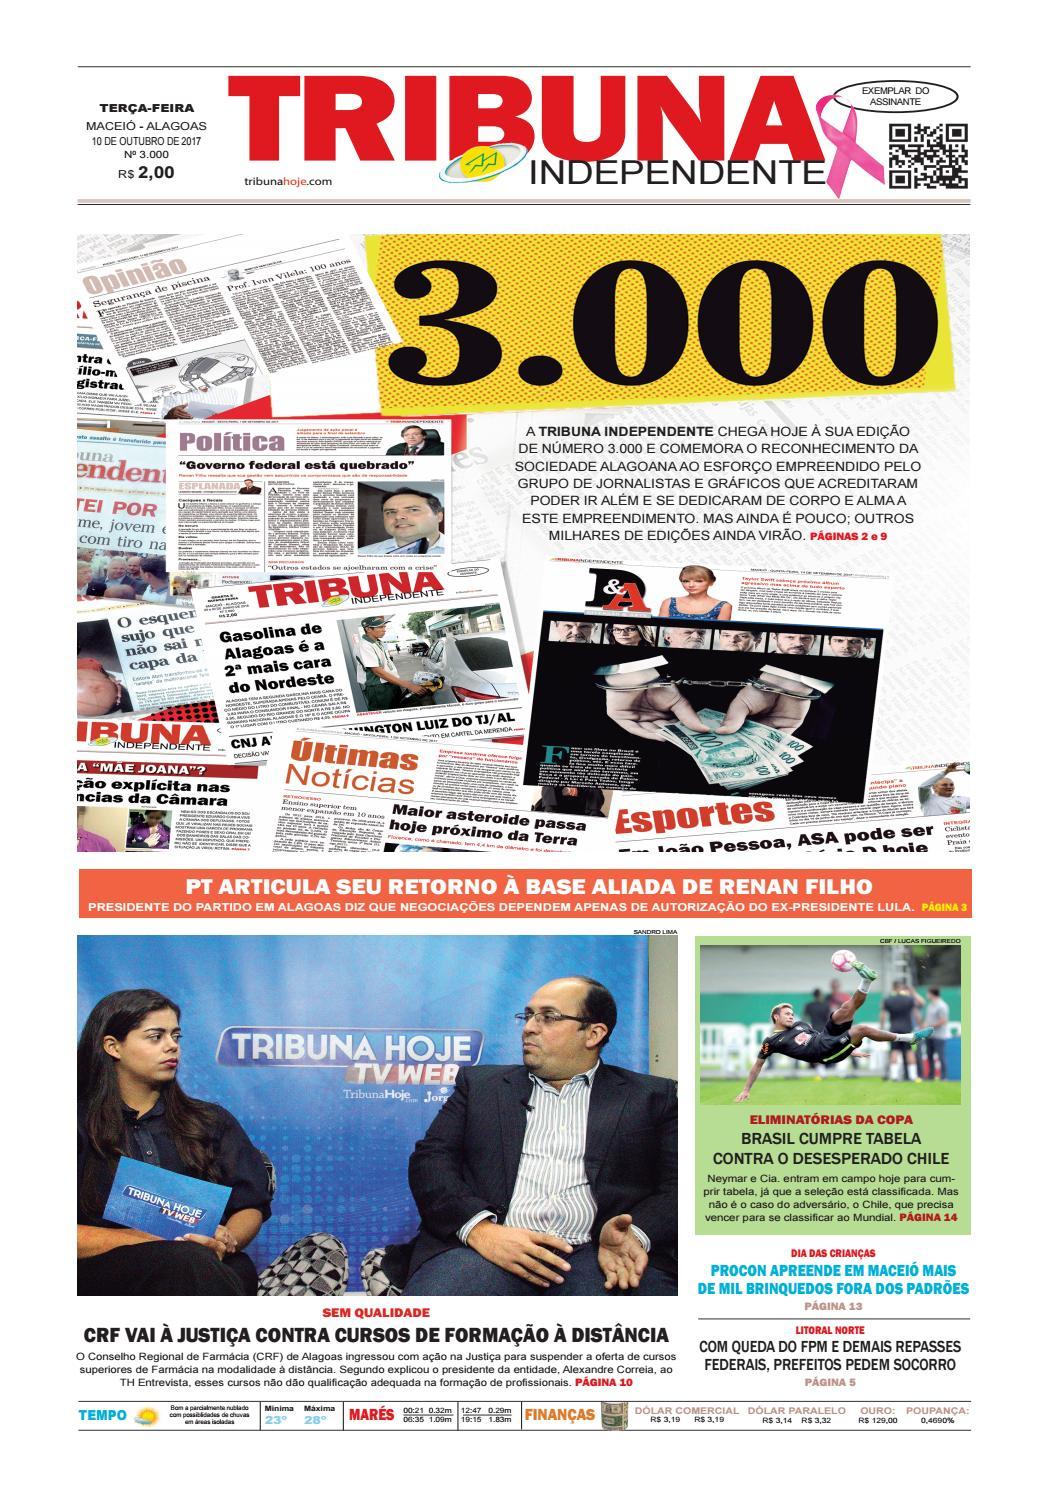 c8712400a4315 Edição número 3000 - 10 de outubro de 2017 by Tribuna Hoje - issuu